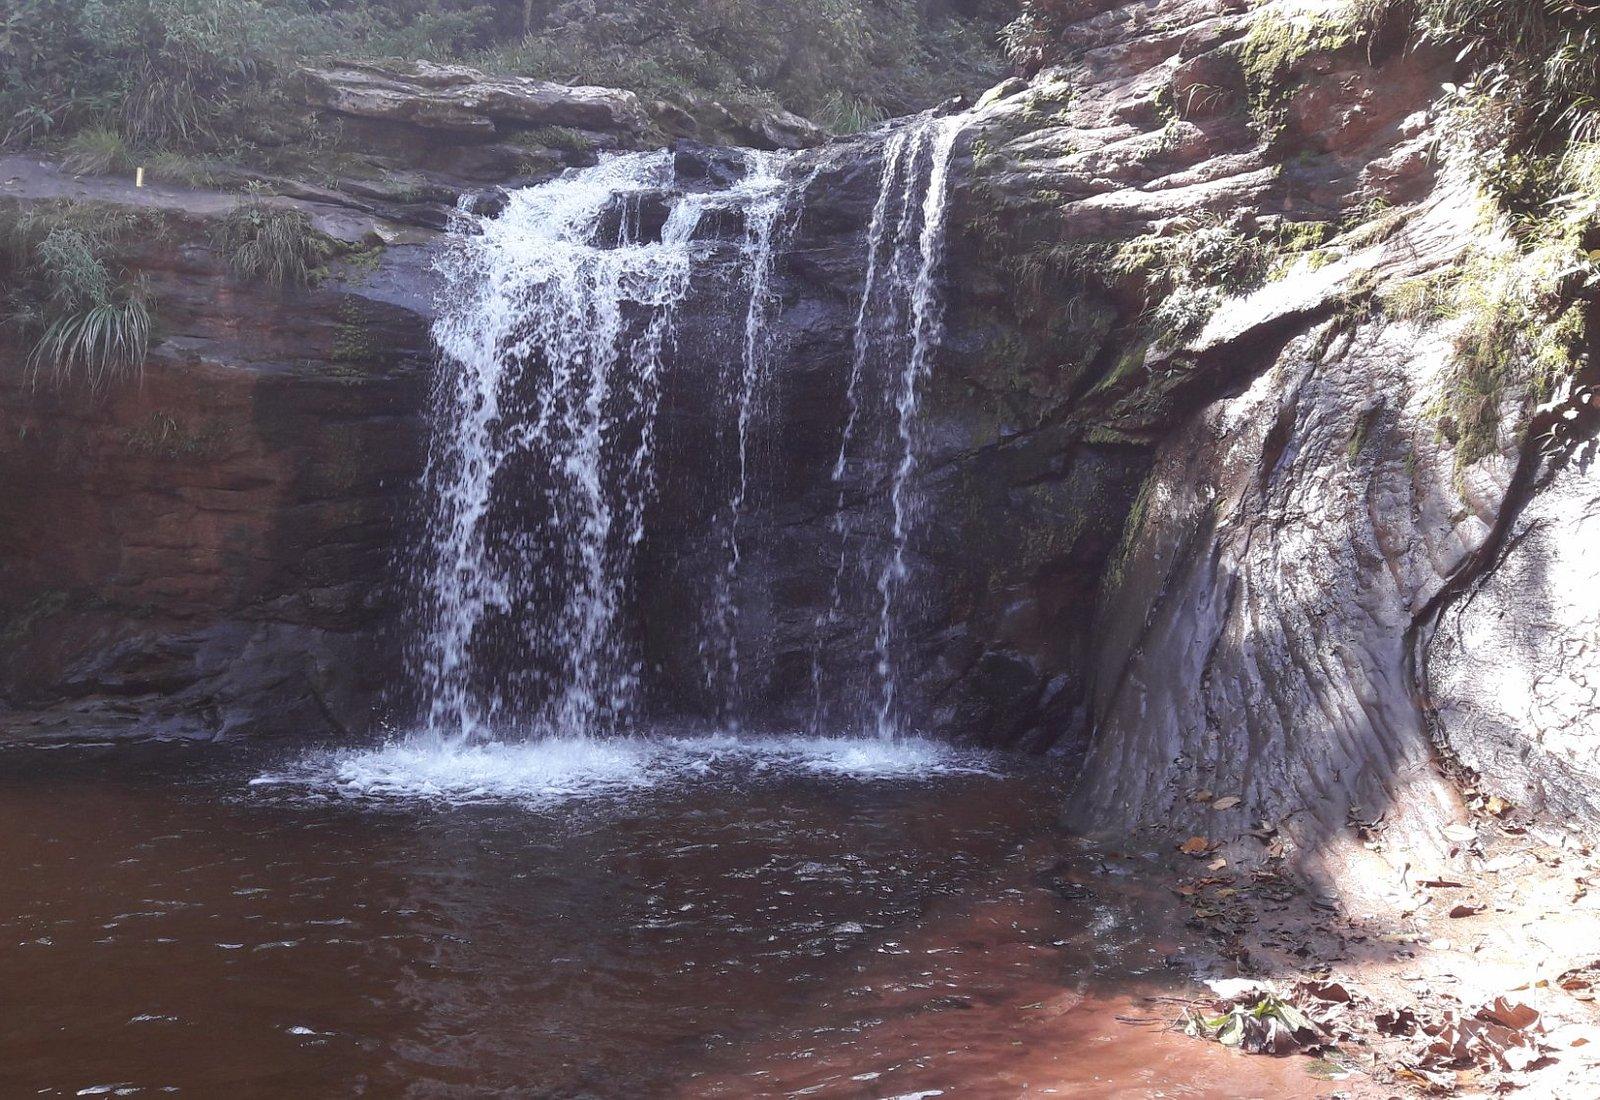 Cascadas en Parque Nacional Amboro. #PASOWEB organiza viaje info@pasoweb.com +591 71662244